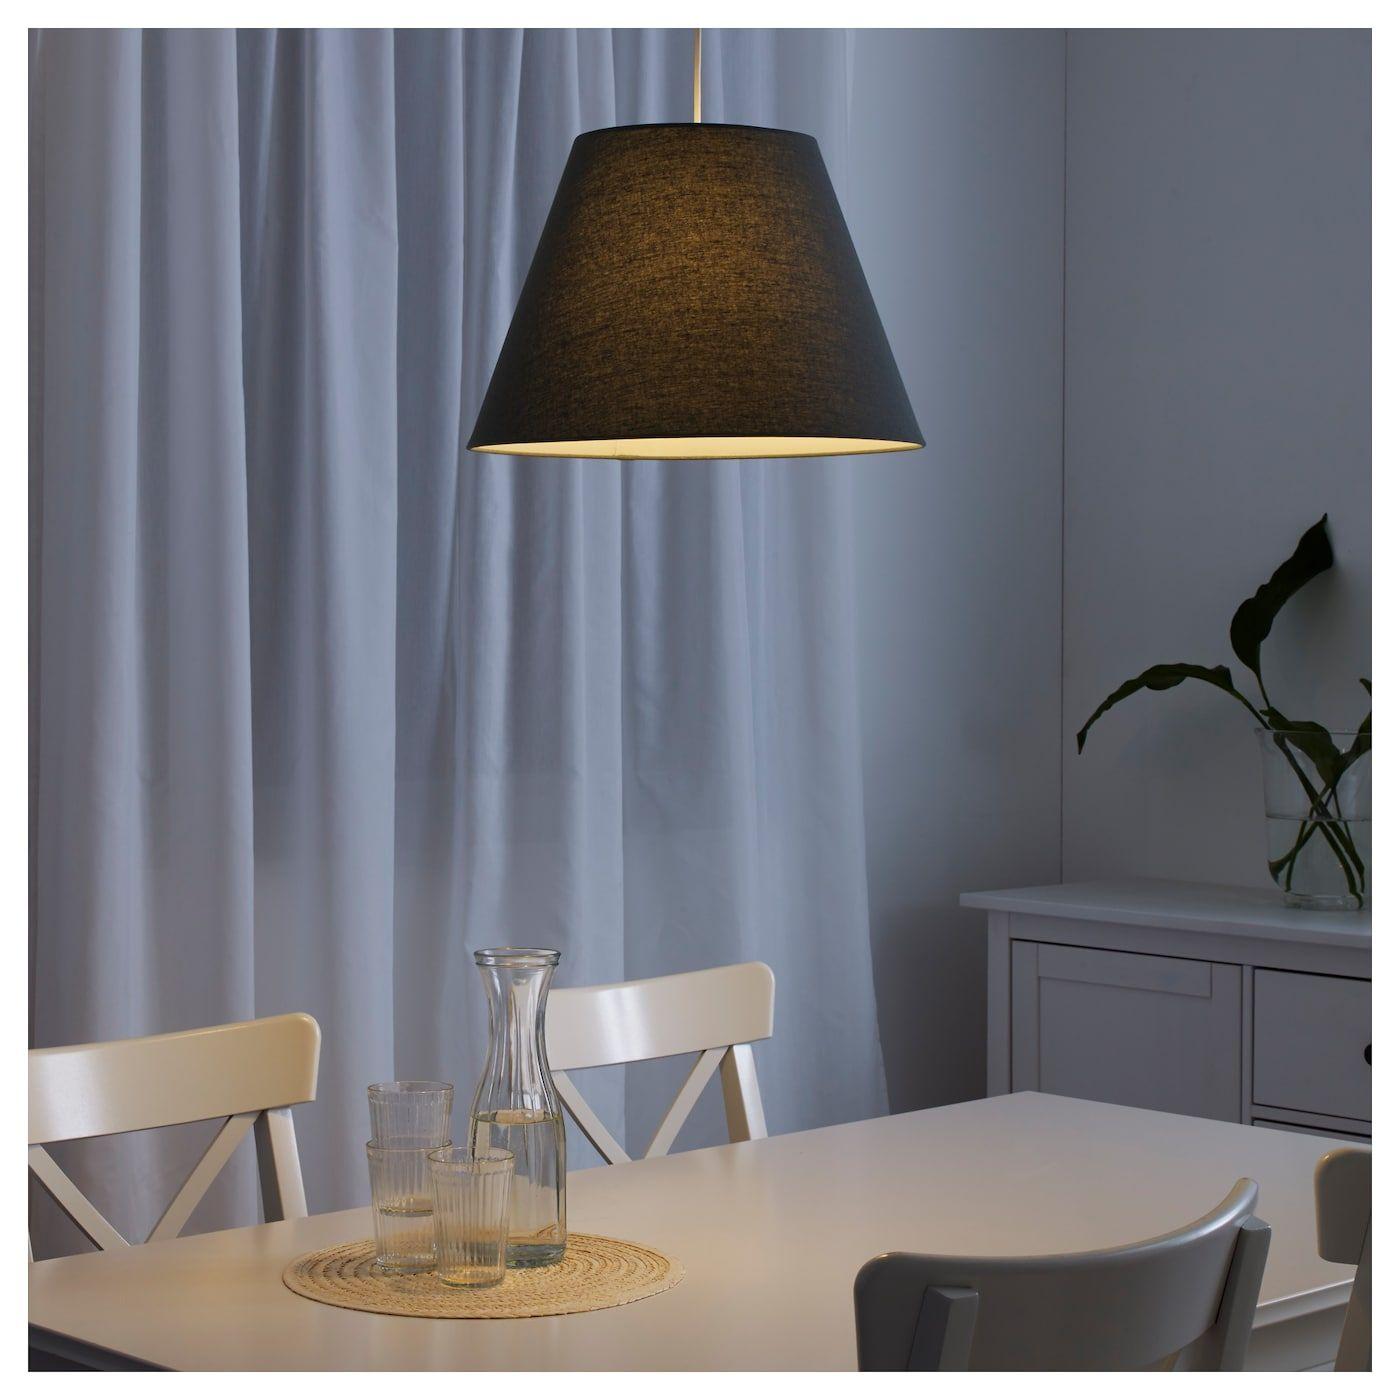 Full Size of Wohnzimmerlampen Ikea Ollsta Leuchtenschirm Grau Lampen Küche Kosten Miniküche Sofa Mit Schlaffunktion Betten Bei Modulküche Kaufen 160x200 Wohnzimmer Wohnzimmerlampen Ikea